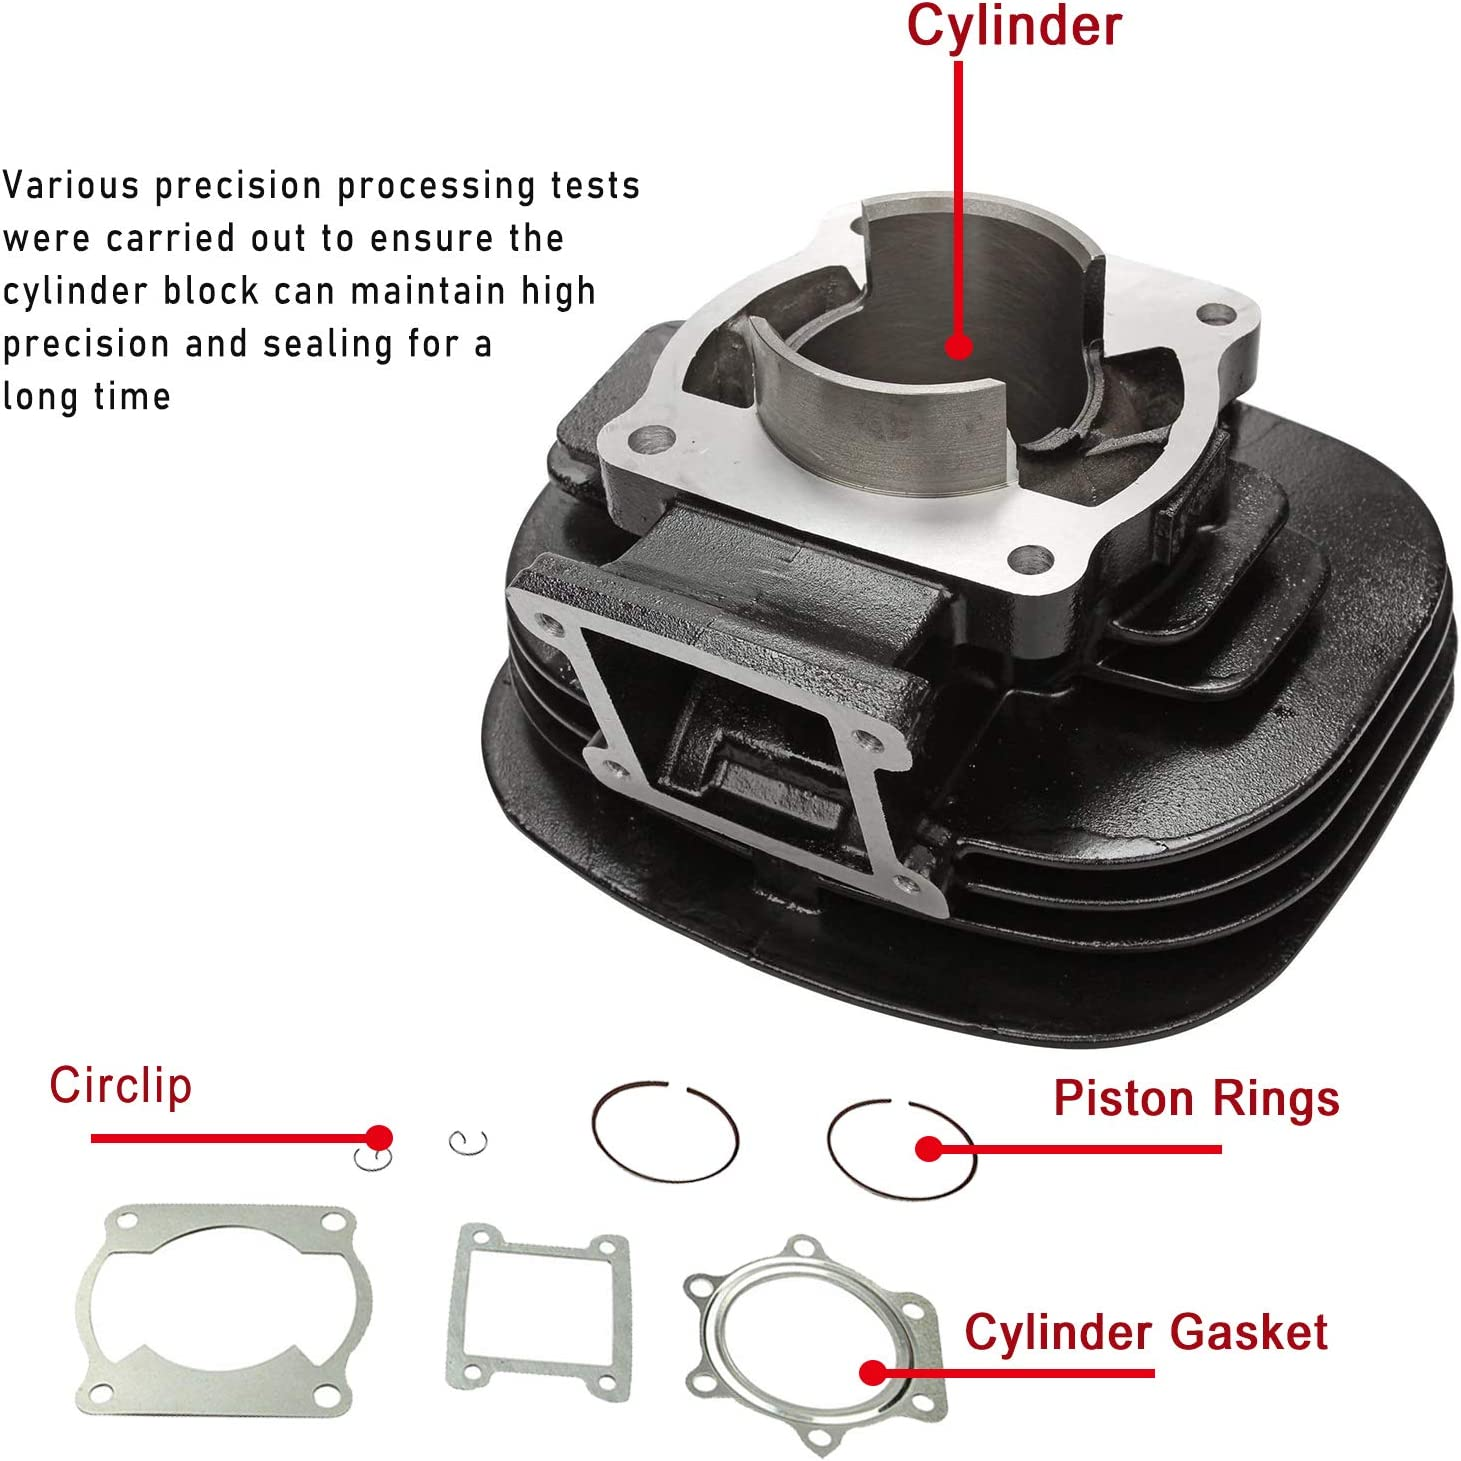 yjracing Cylinder Carburetor Piston Gasket Top End Kit Set Fit for 1988-2006 Yamaha Blaster 200 YFS200